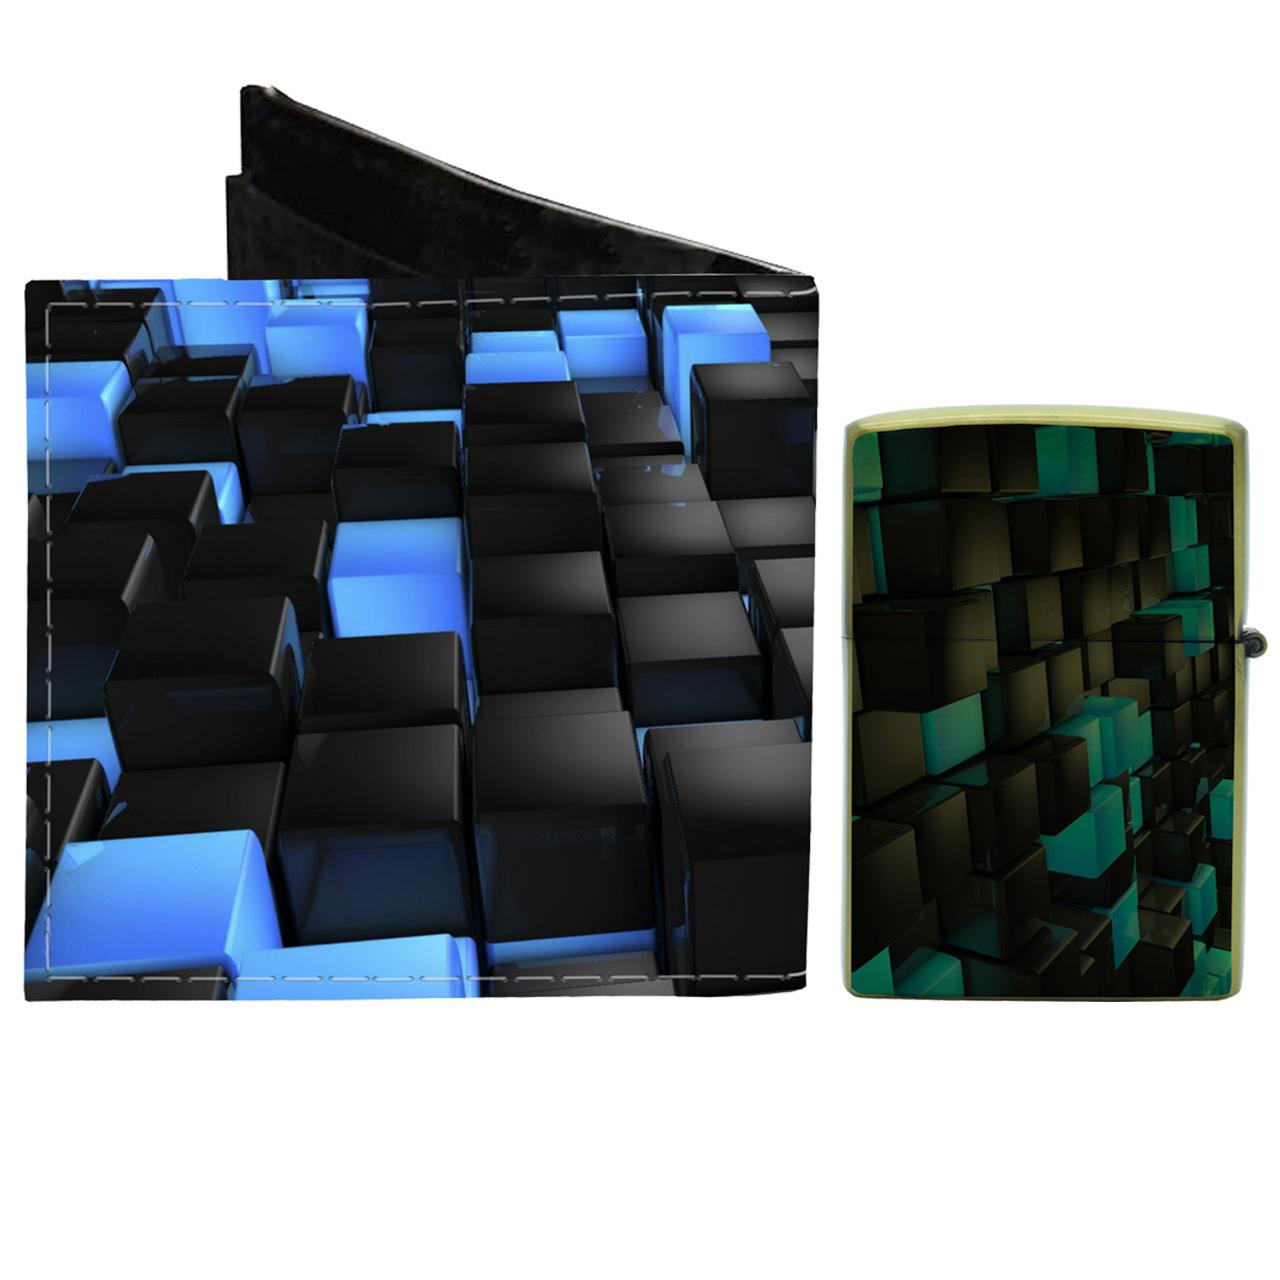 ست هدیه مدل Abstract A07